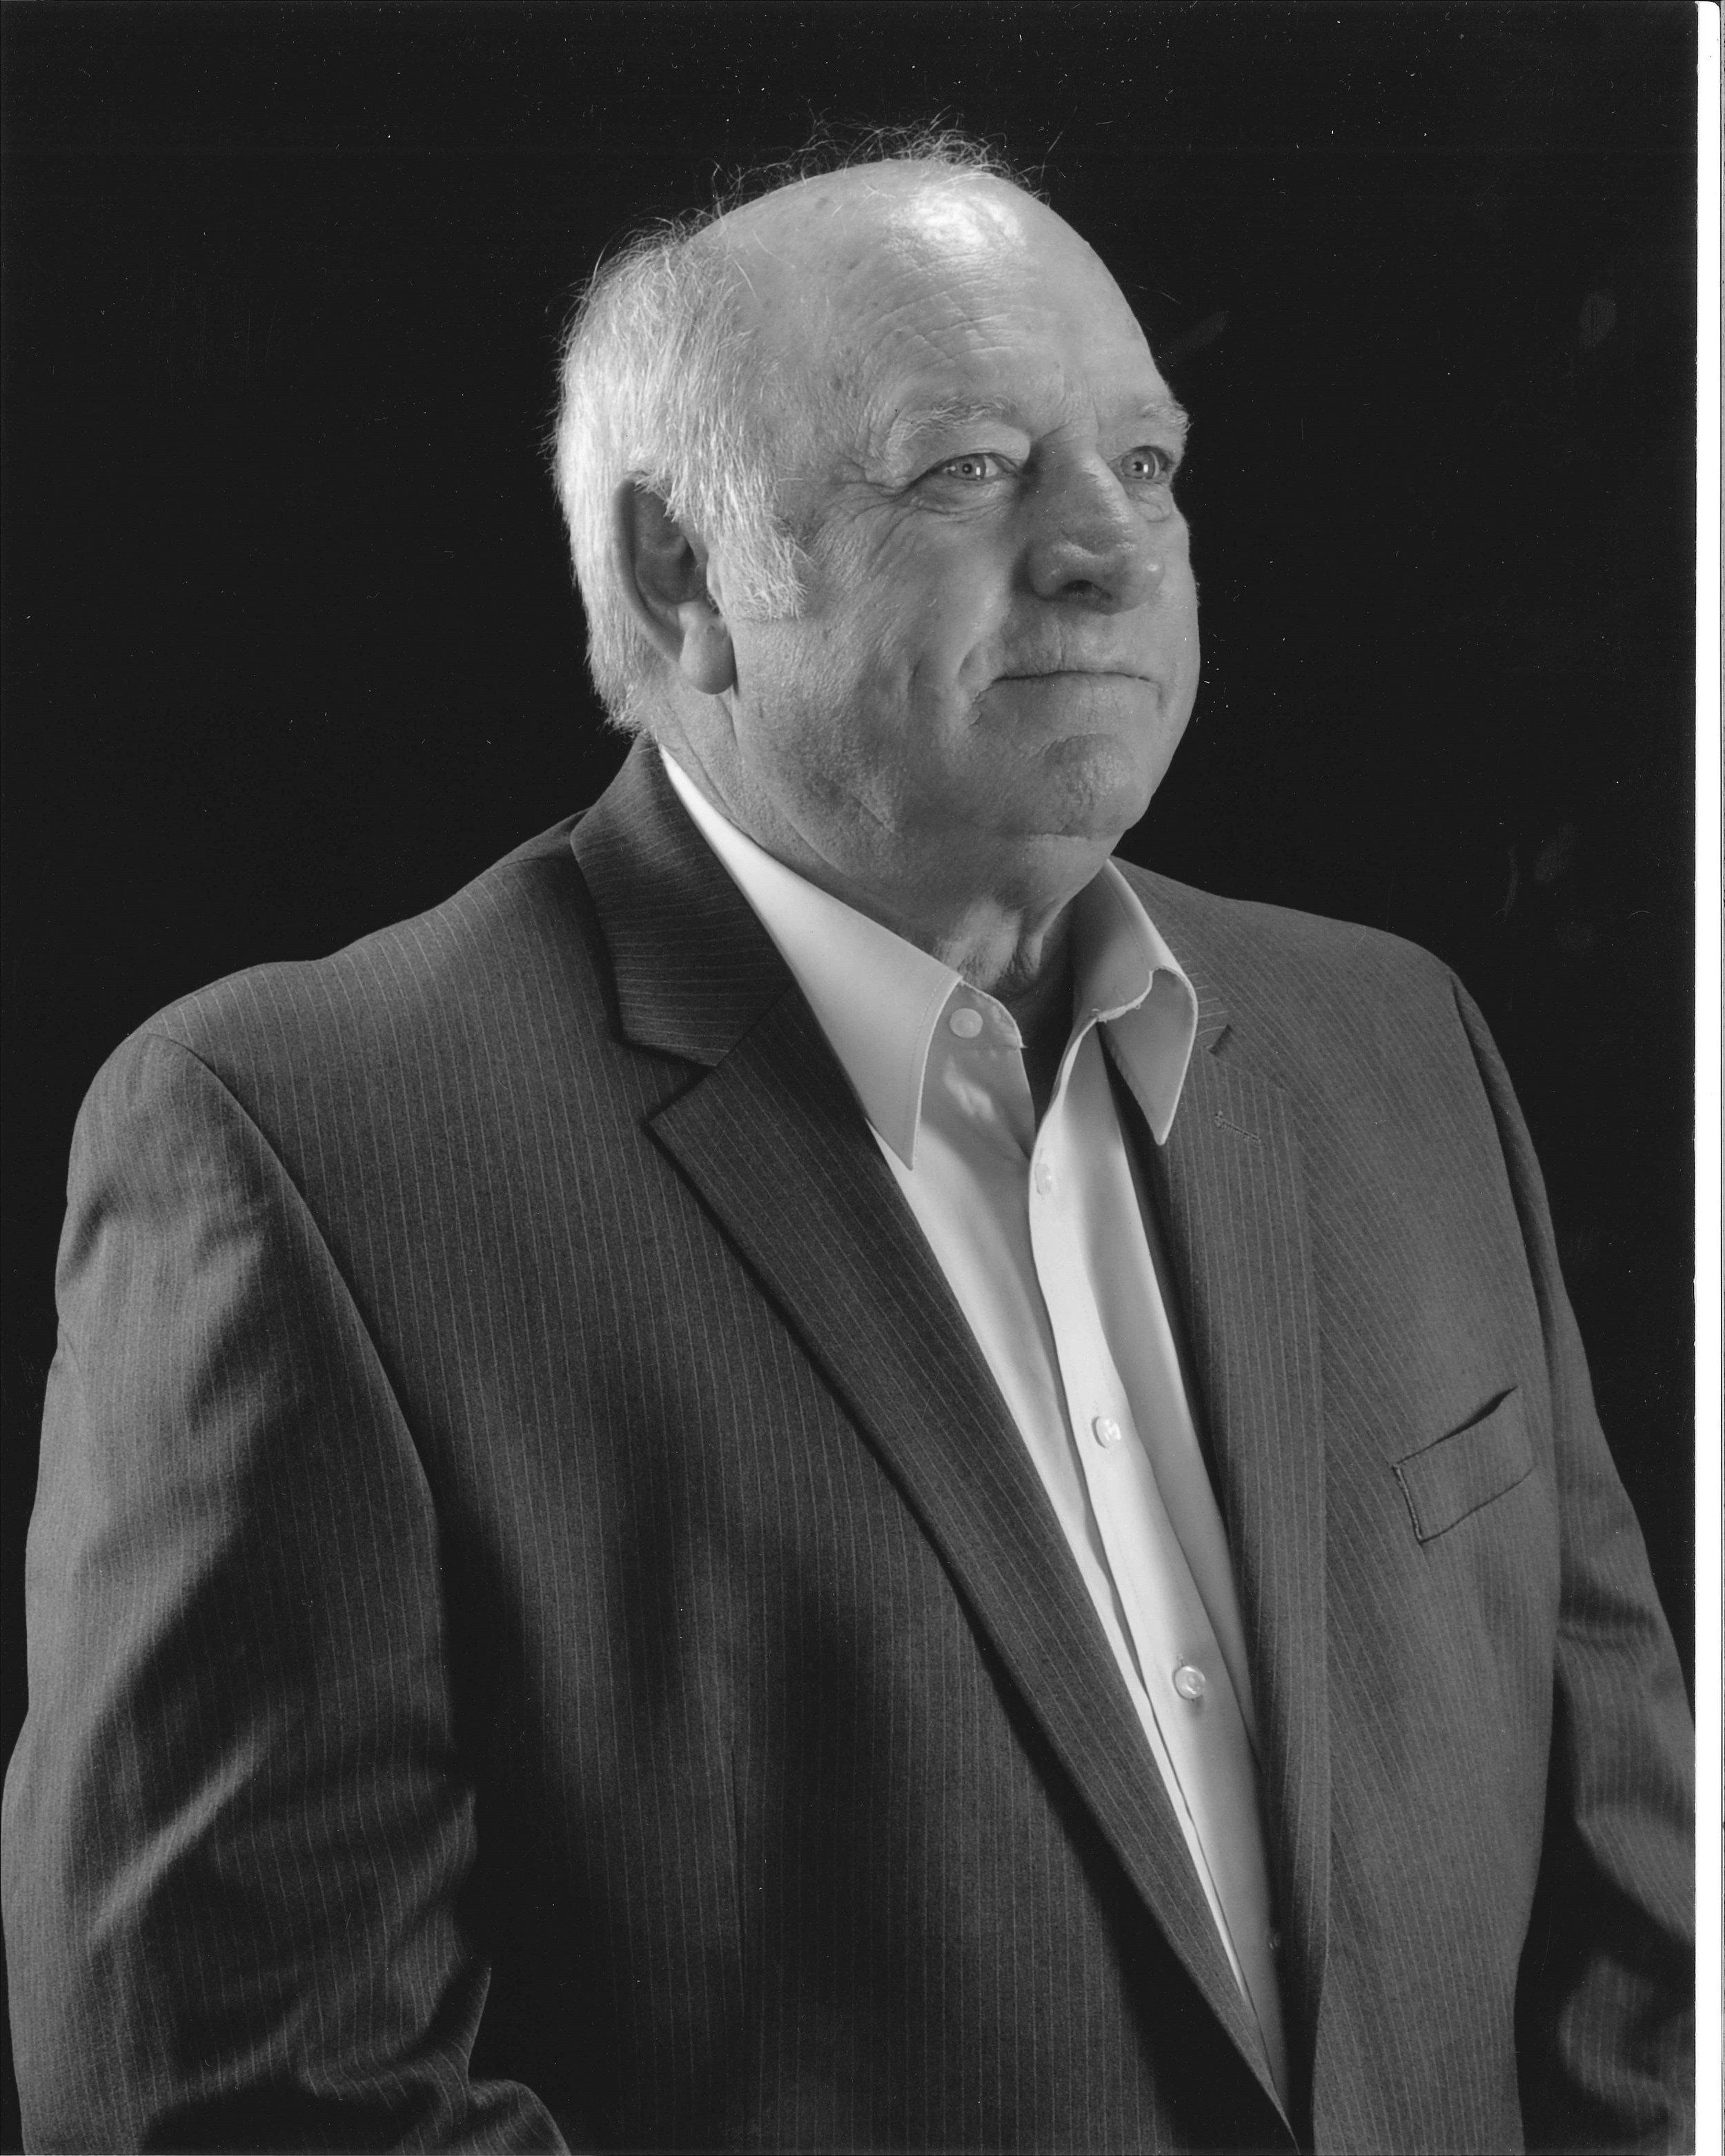 ARTHUR DELOS ANDERSON